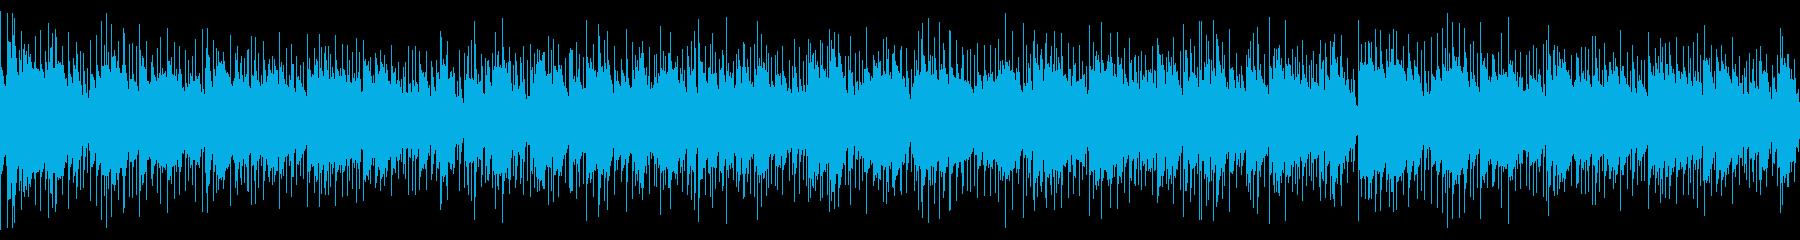 ショパン 「別れのワルツ」 ギターverの再生済みの波形